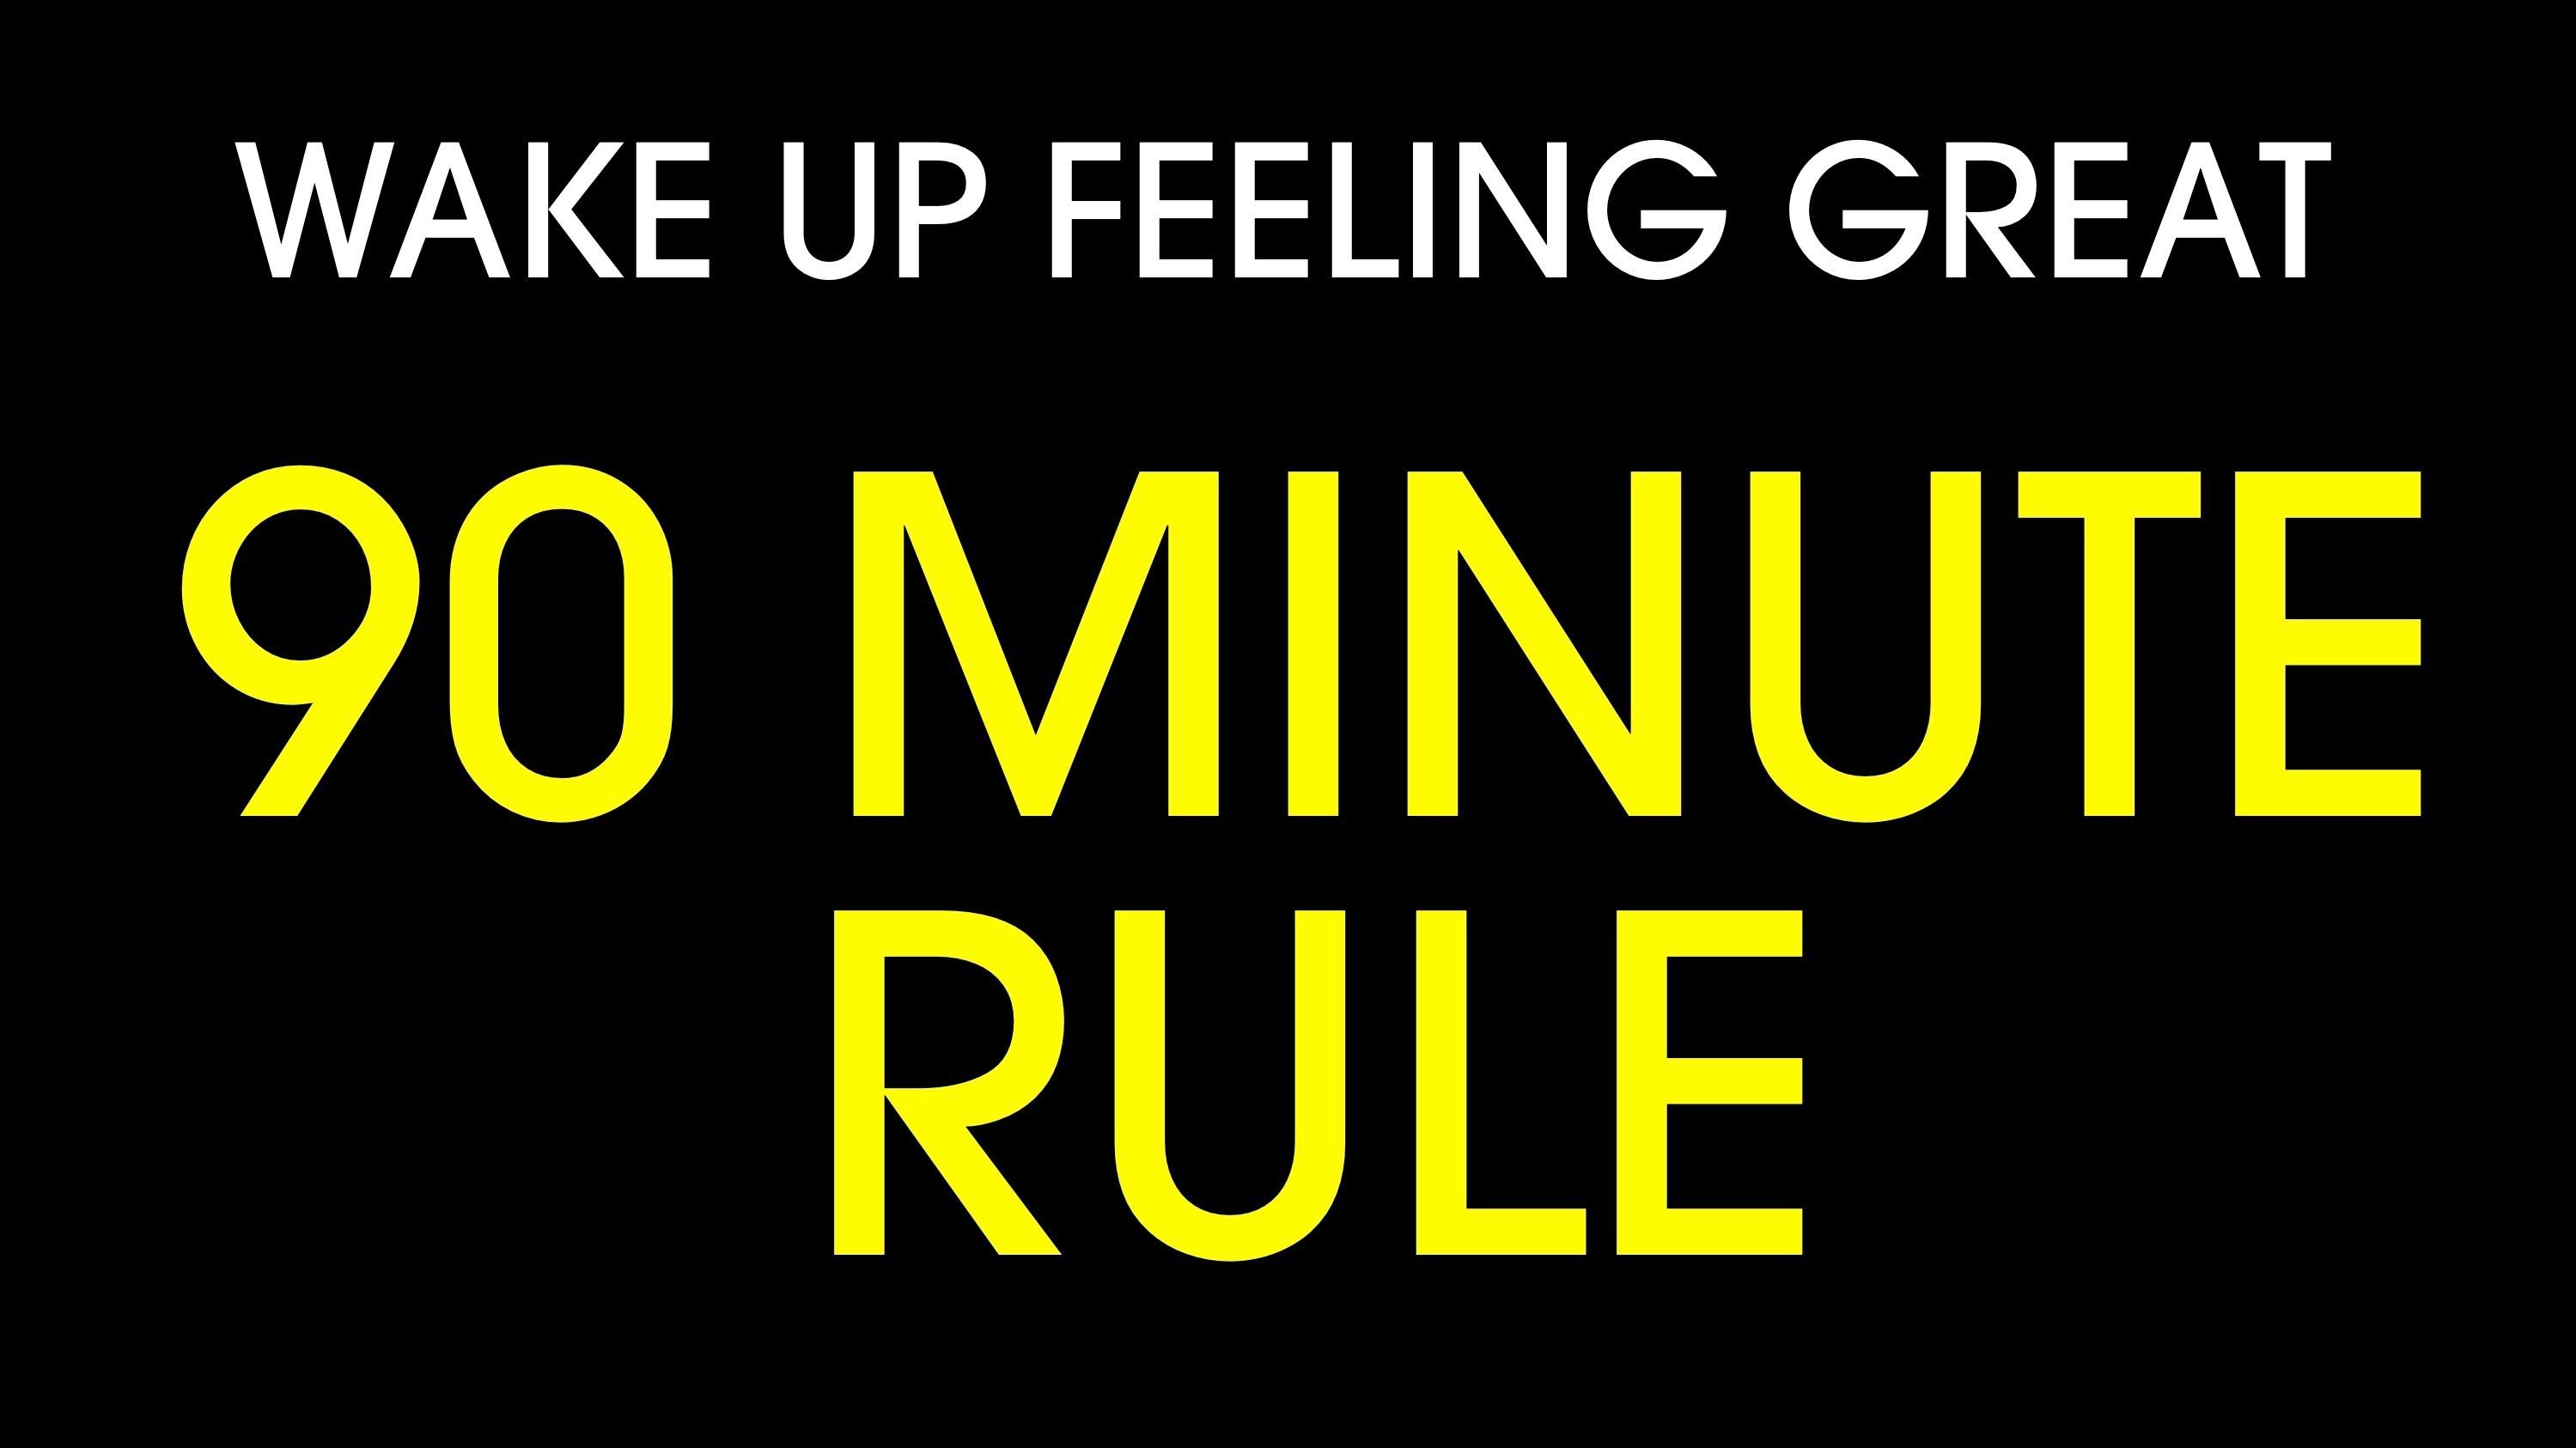 科學讓你睡飽飽:奇妙的『九十分鐘法則』